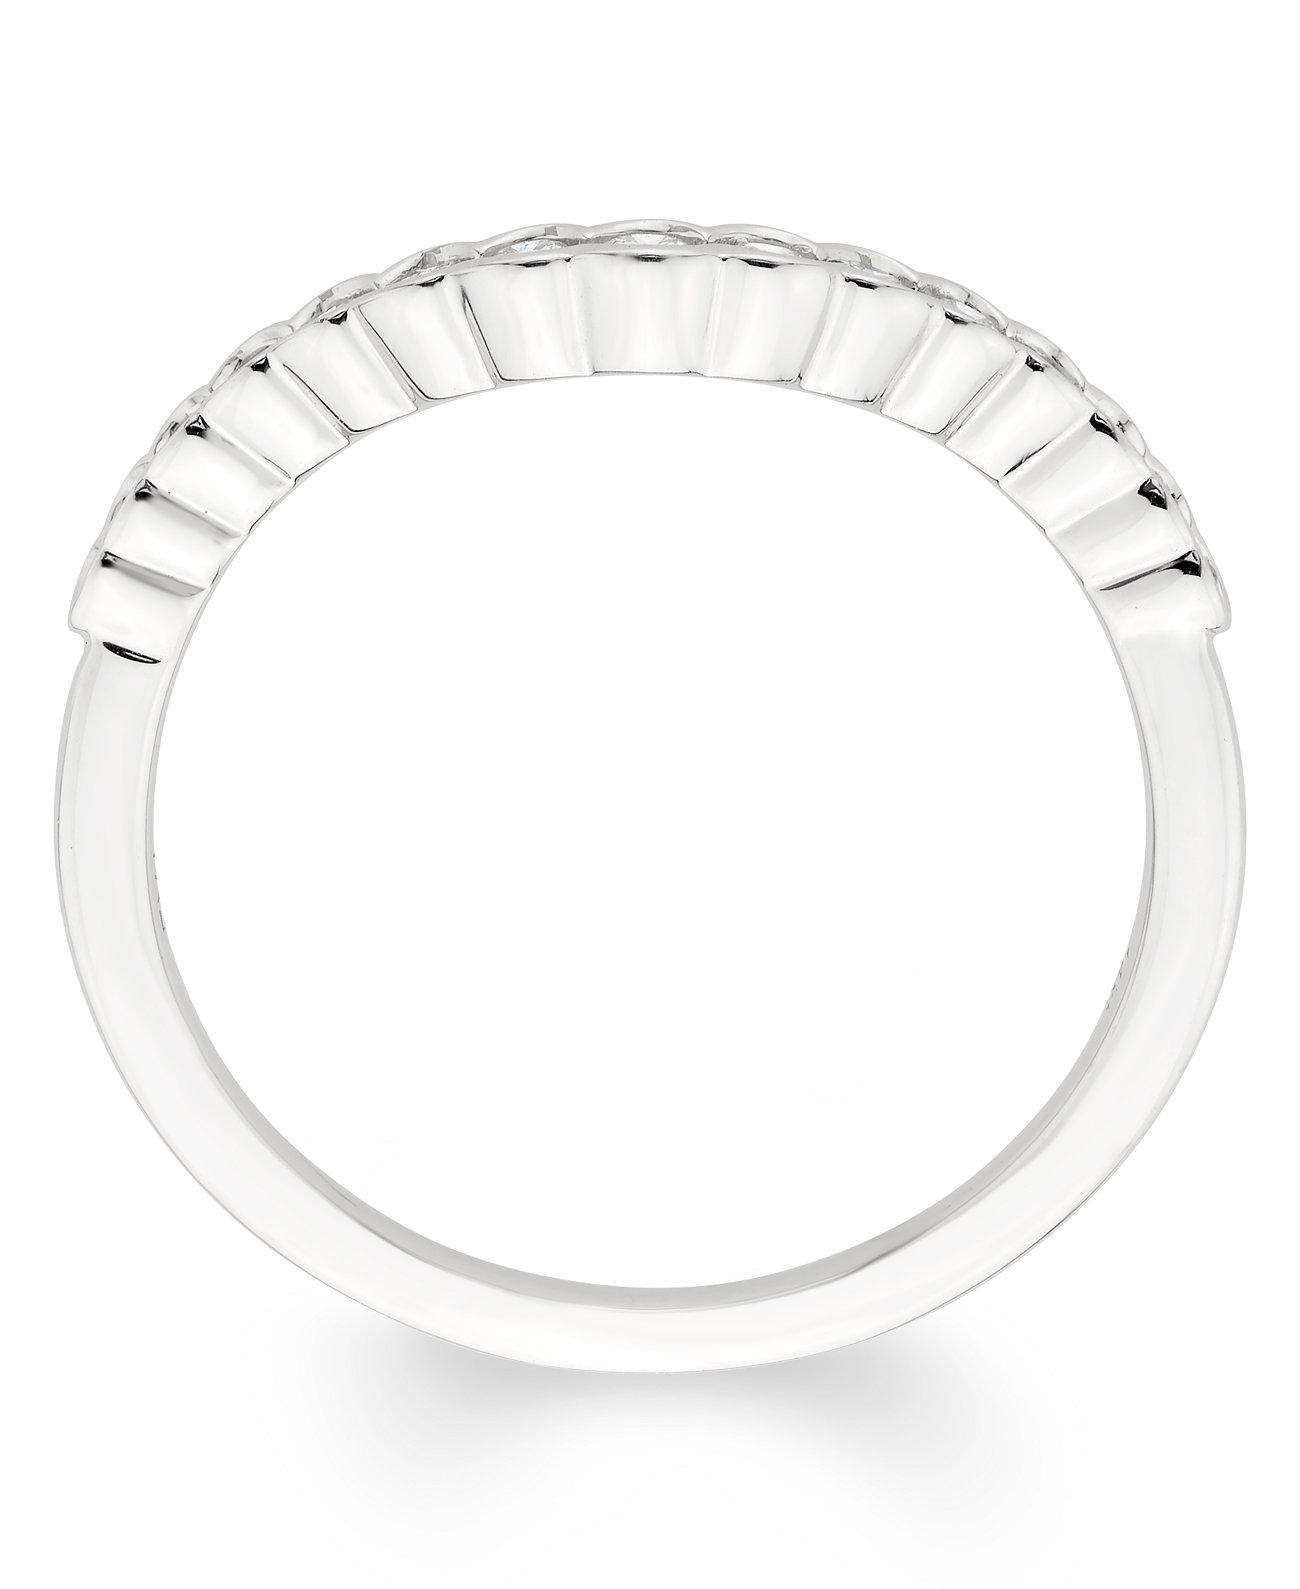 Сертифицированная бриллиантовая (1/4 карат. Вес.) Полоса из белого золота 585 пробы Macy's